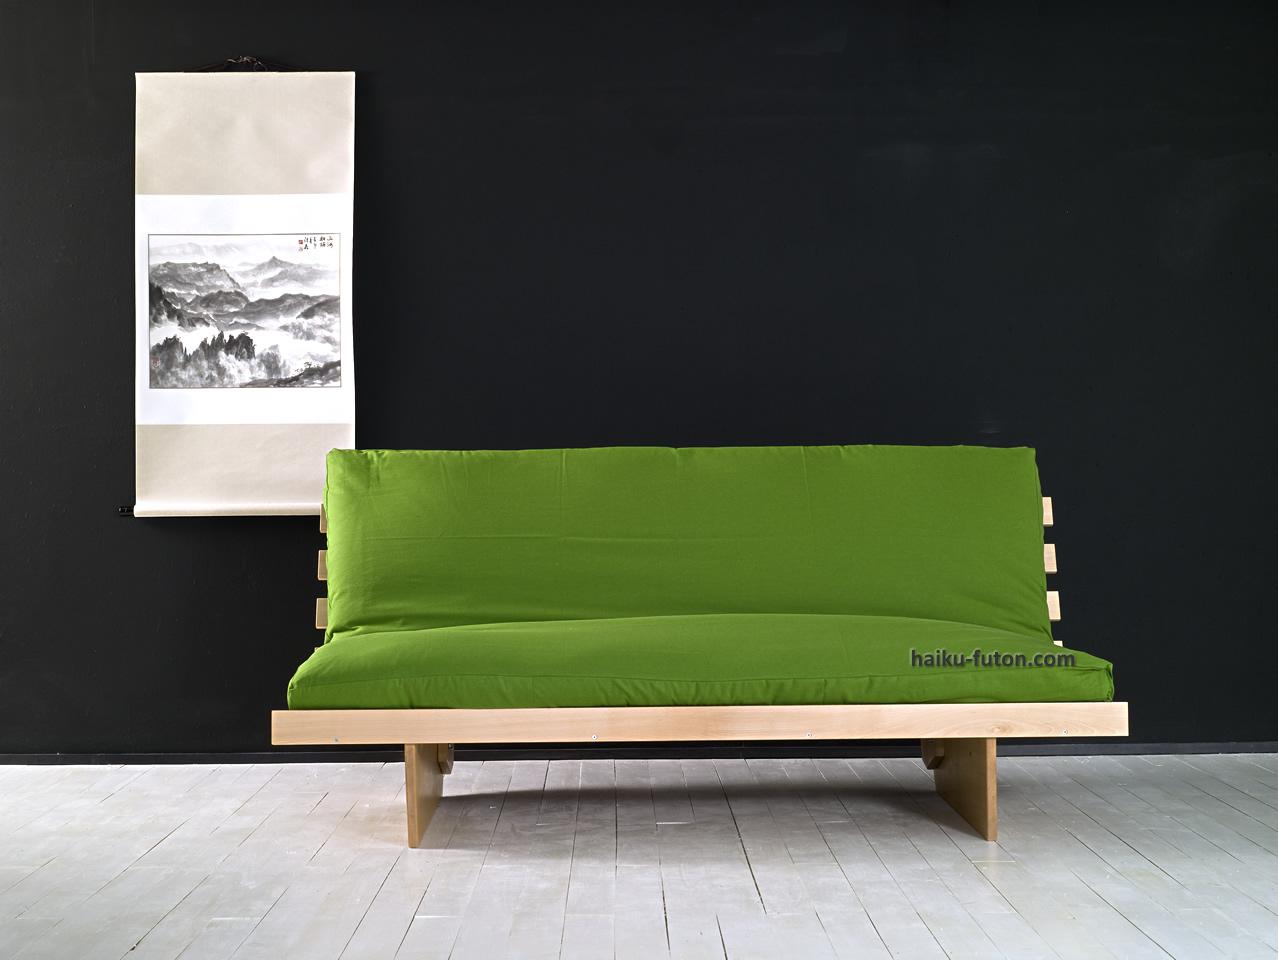 fundas para un sofa cama loft m s futon sofá paiché  de madera